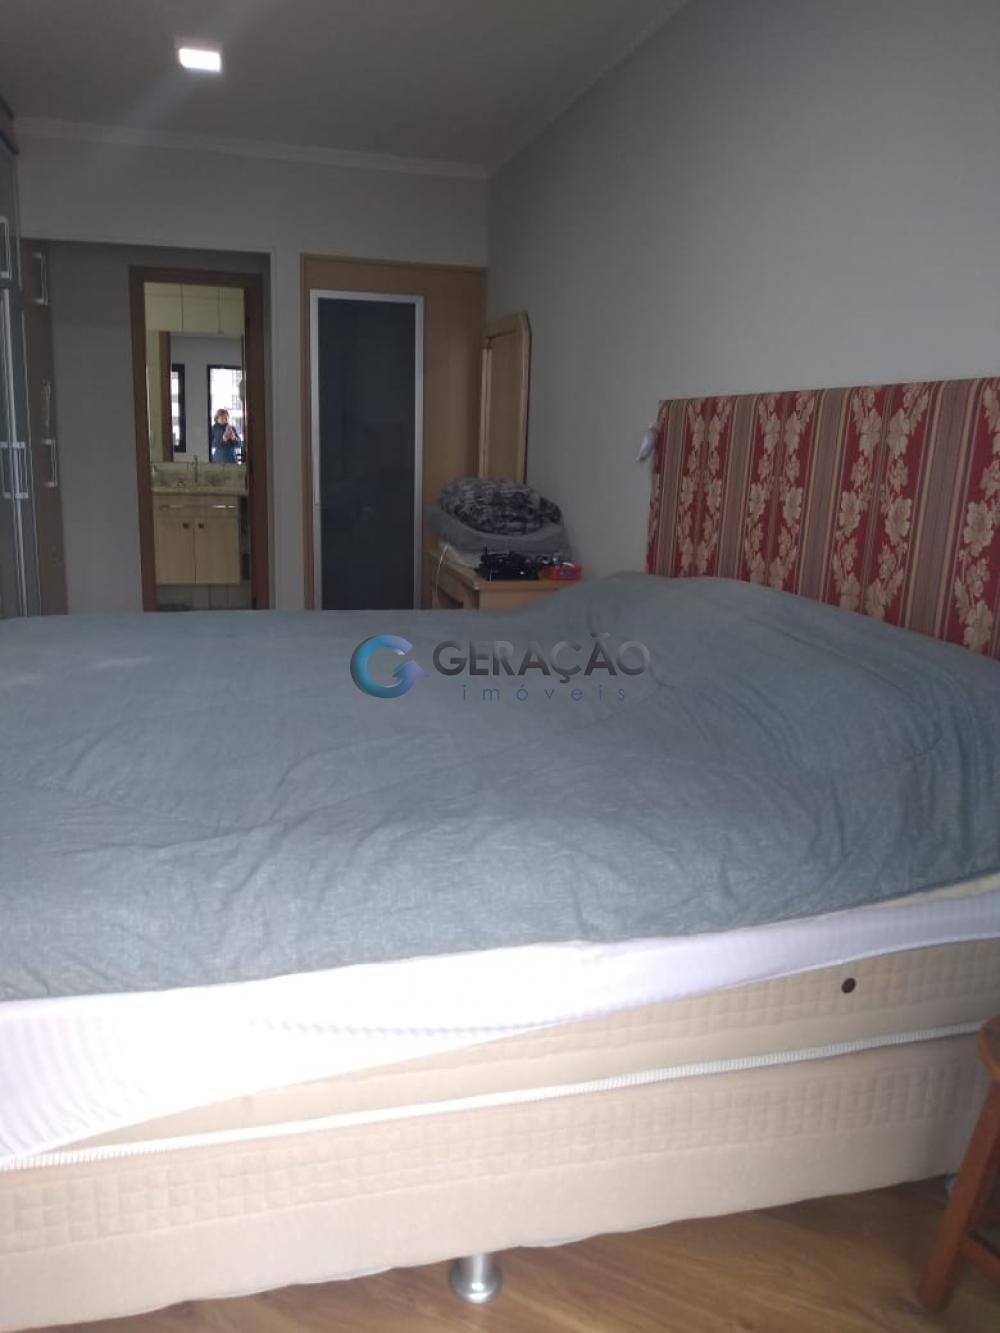 Comprar Apartamento / Padrão em São José dos Campos apenas R$ 1.300.000,00 - Foto 15